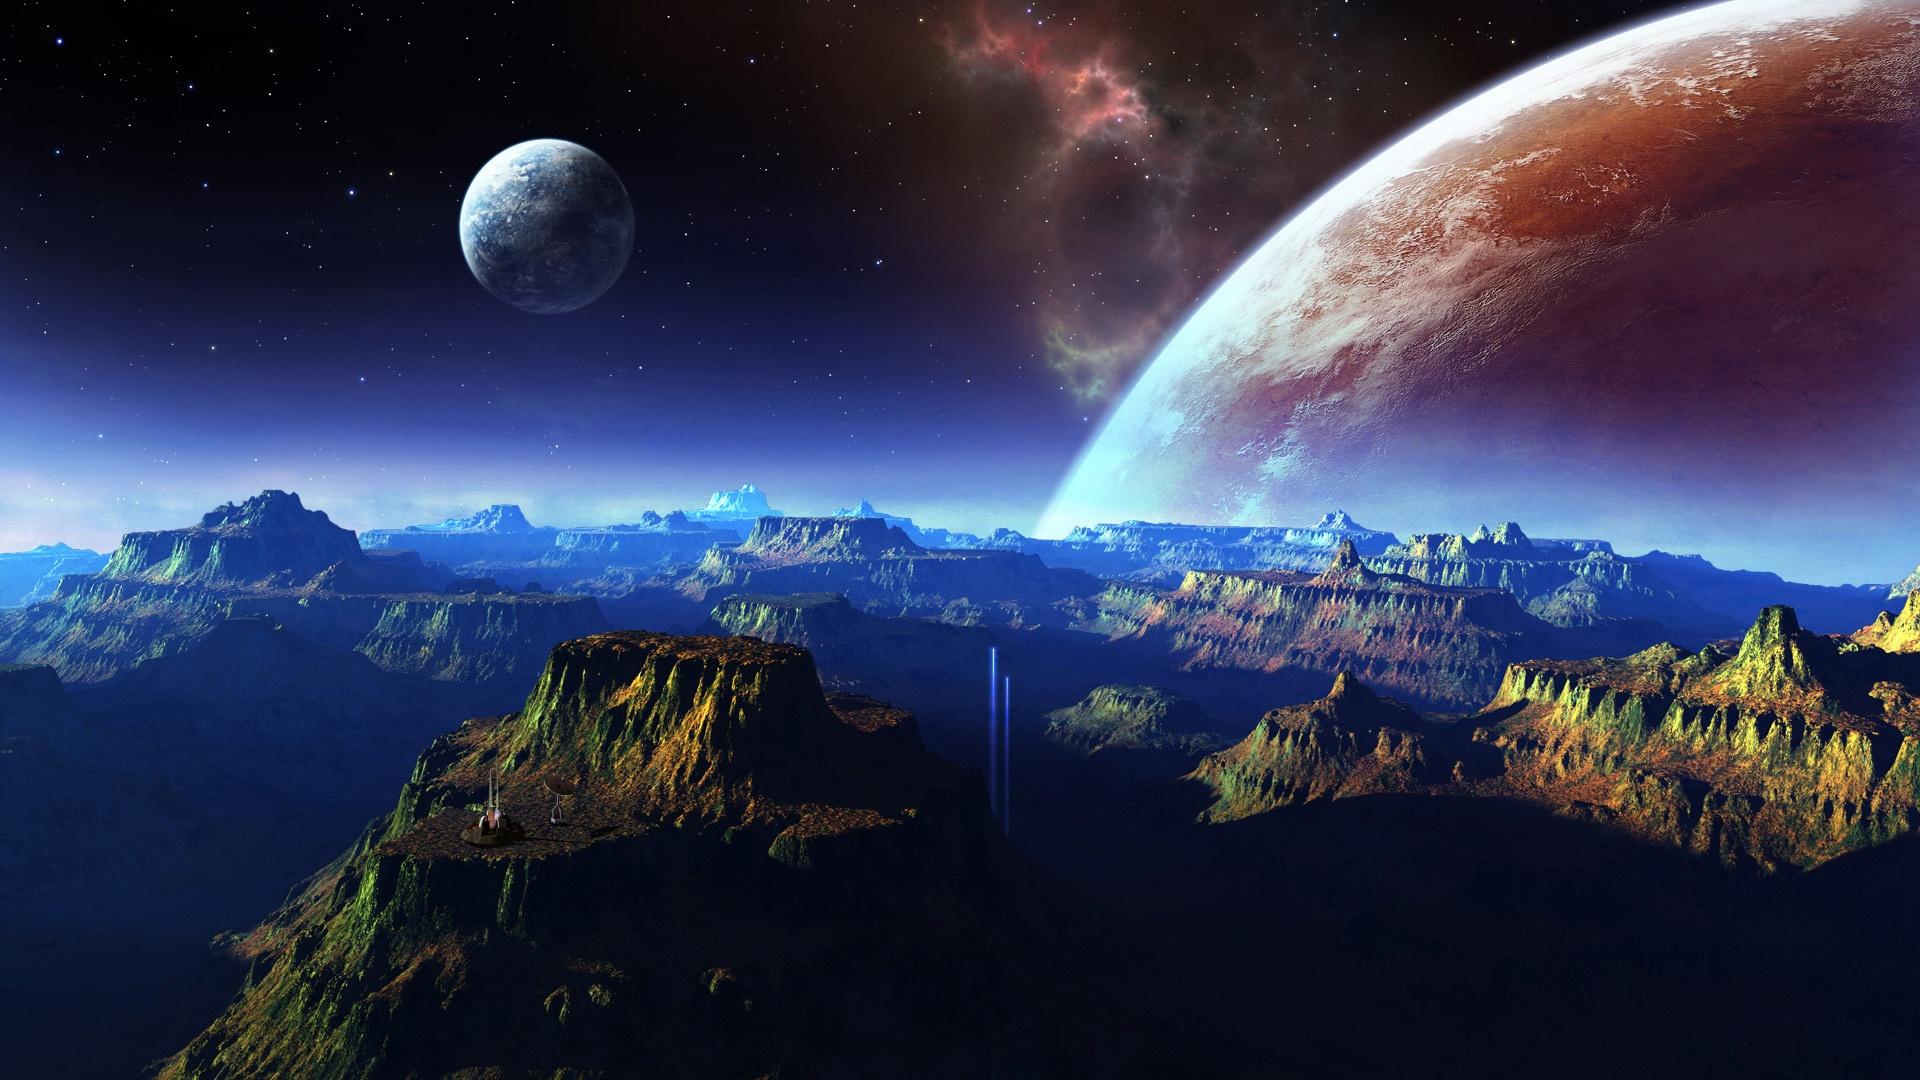 espace, la planète fonds d'écran x fonds d'écran